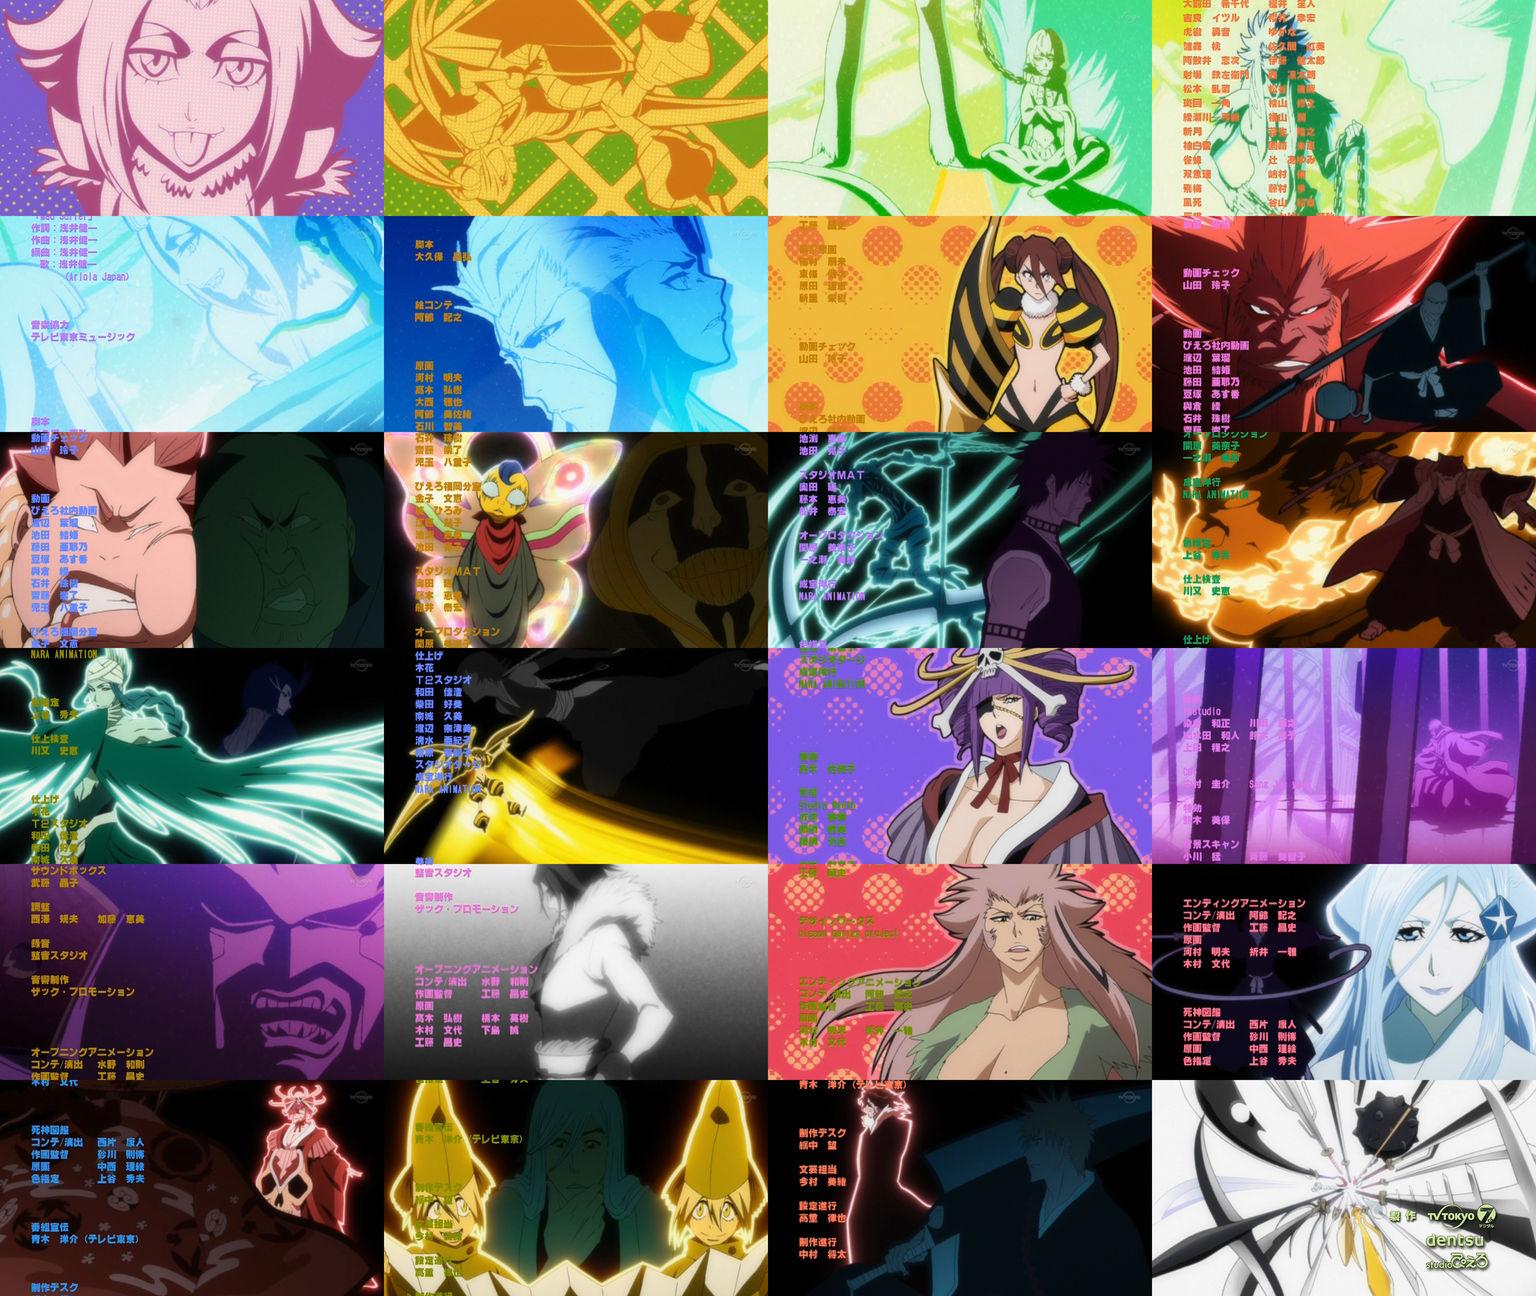 http://blog-imgs-45.fc2.com/a/n/k/ankosokuho/200907290255031b2.jpg